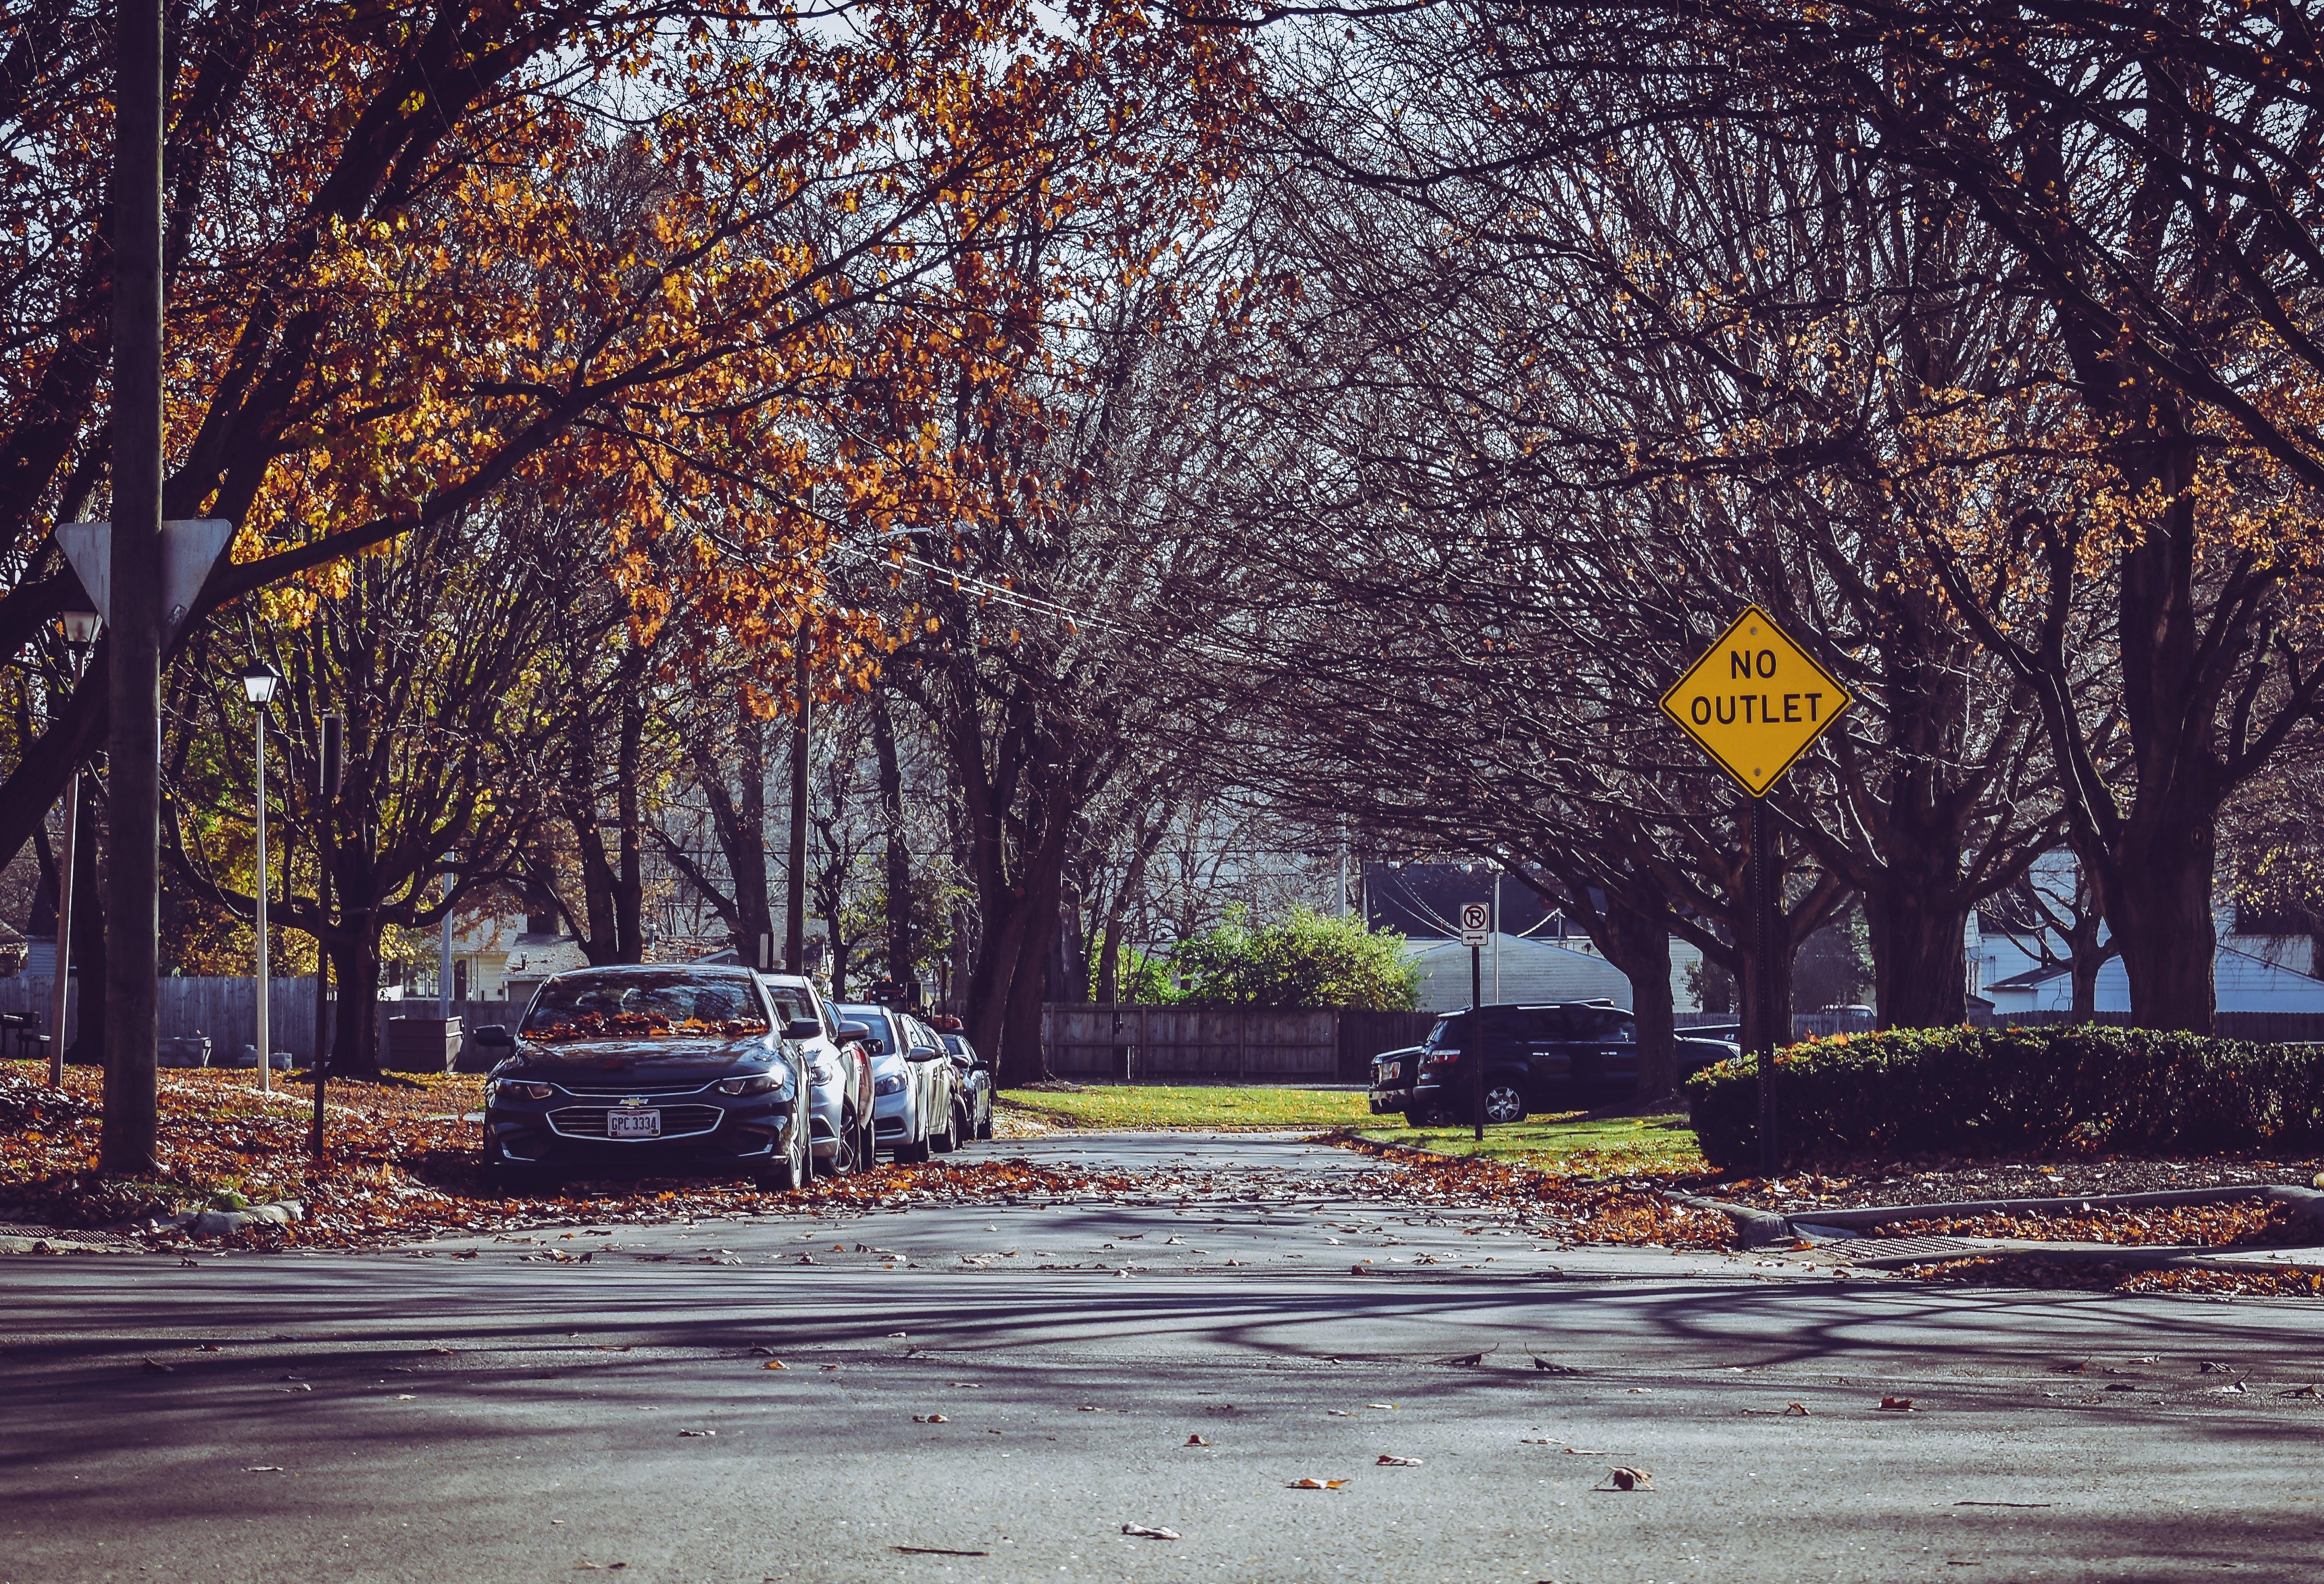 ağaçlar, arabalar, mevsim, park etmiş içeren Ücretsiz stok fotoğraf